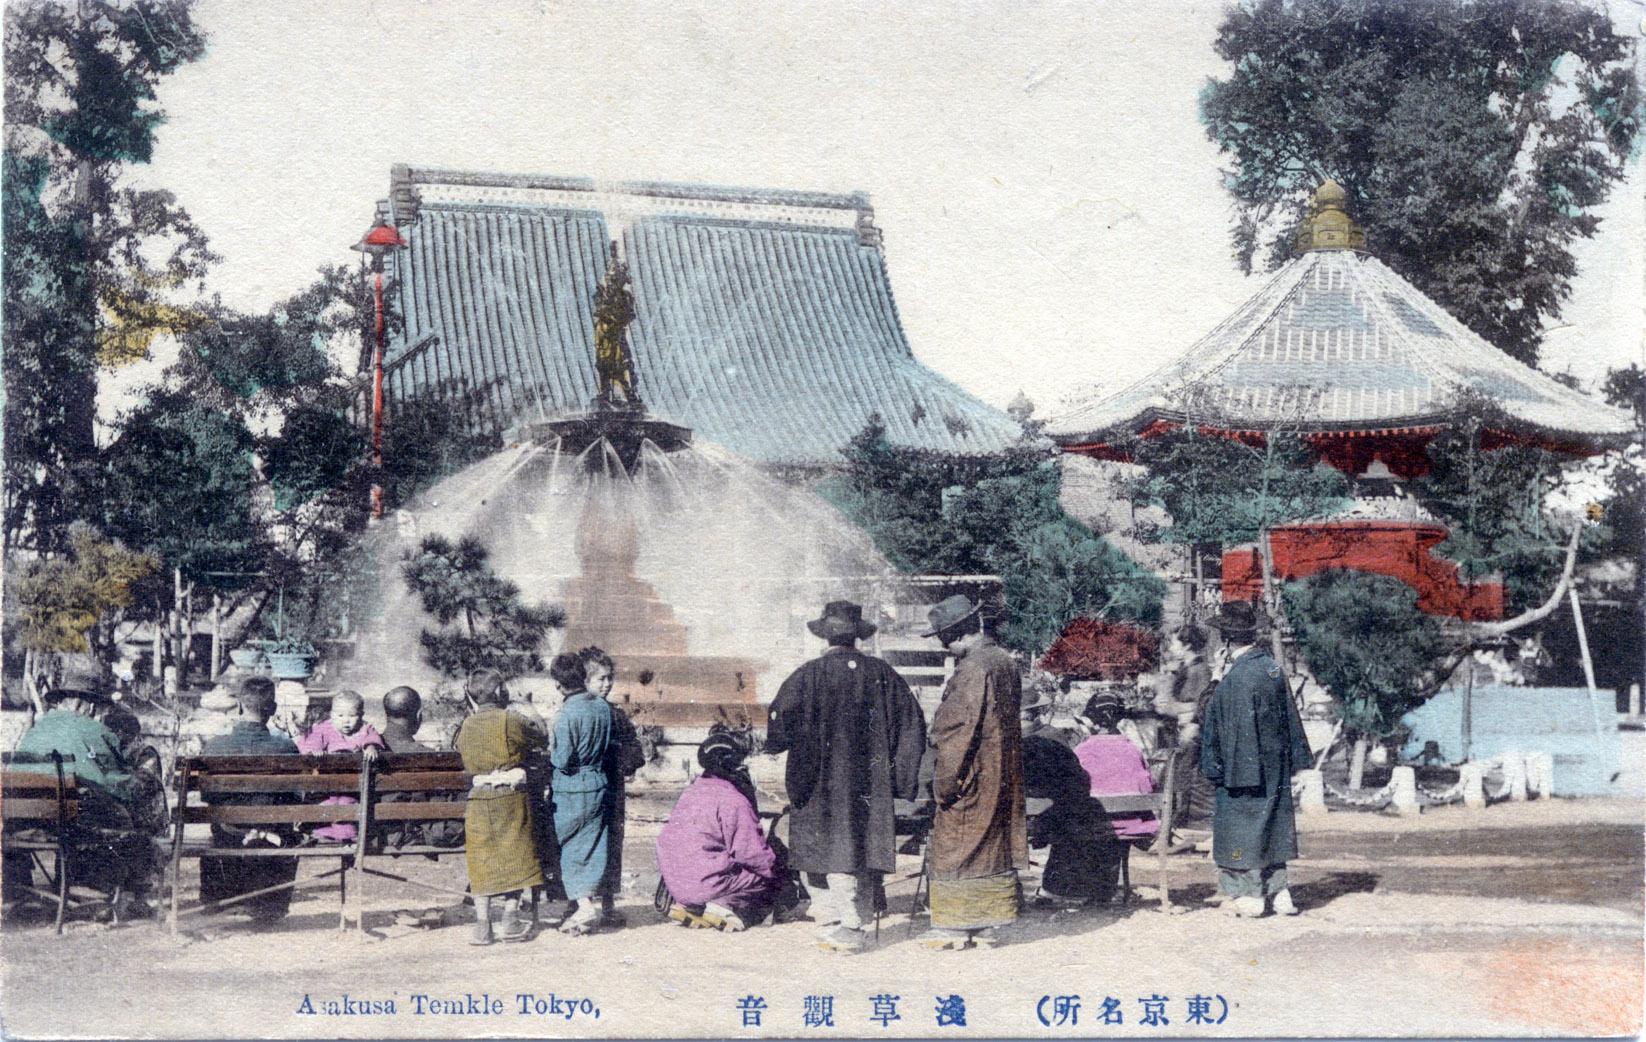 asakusa-fountain2-300.jpg